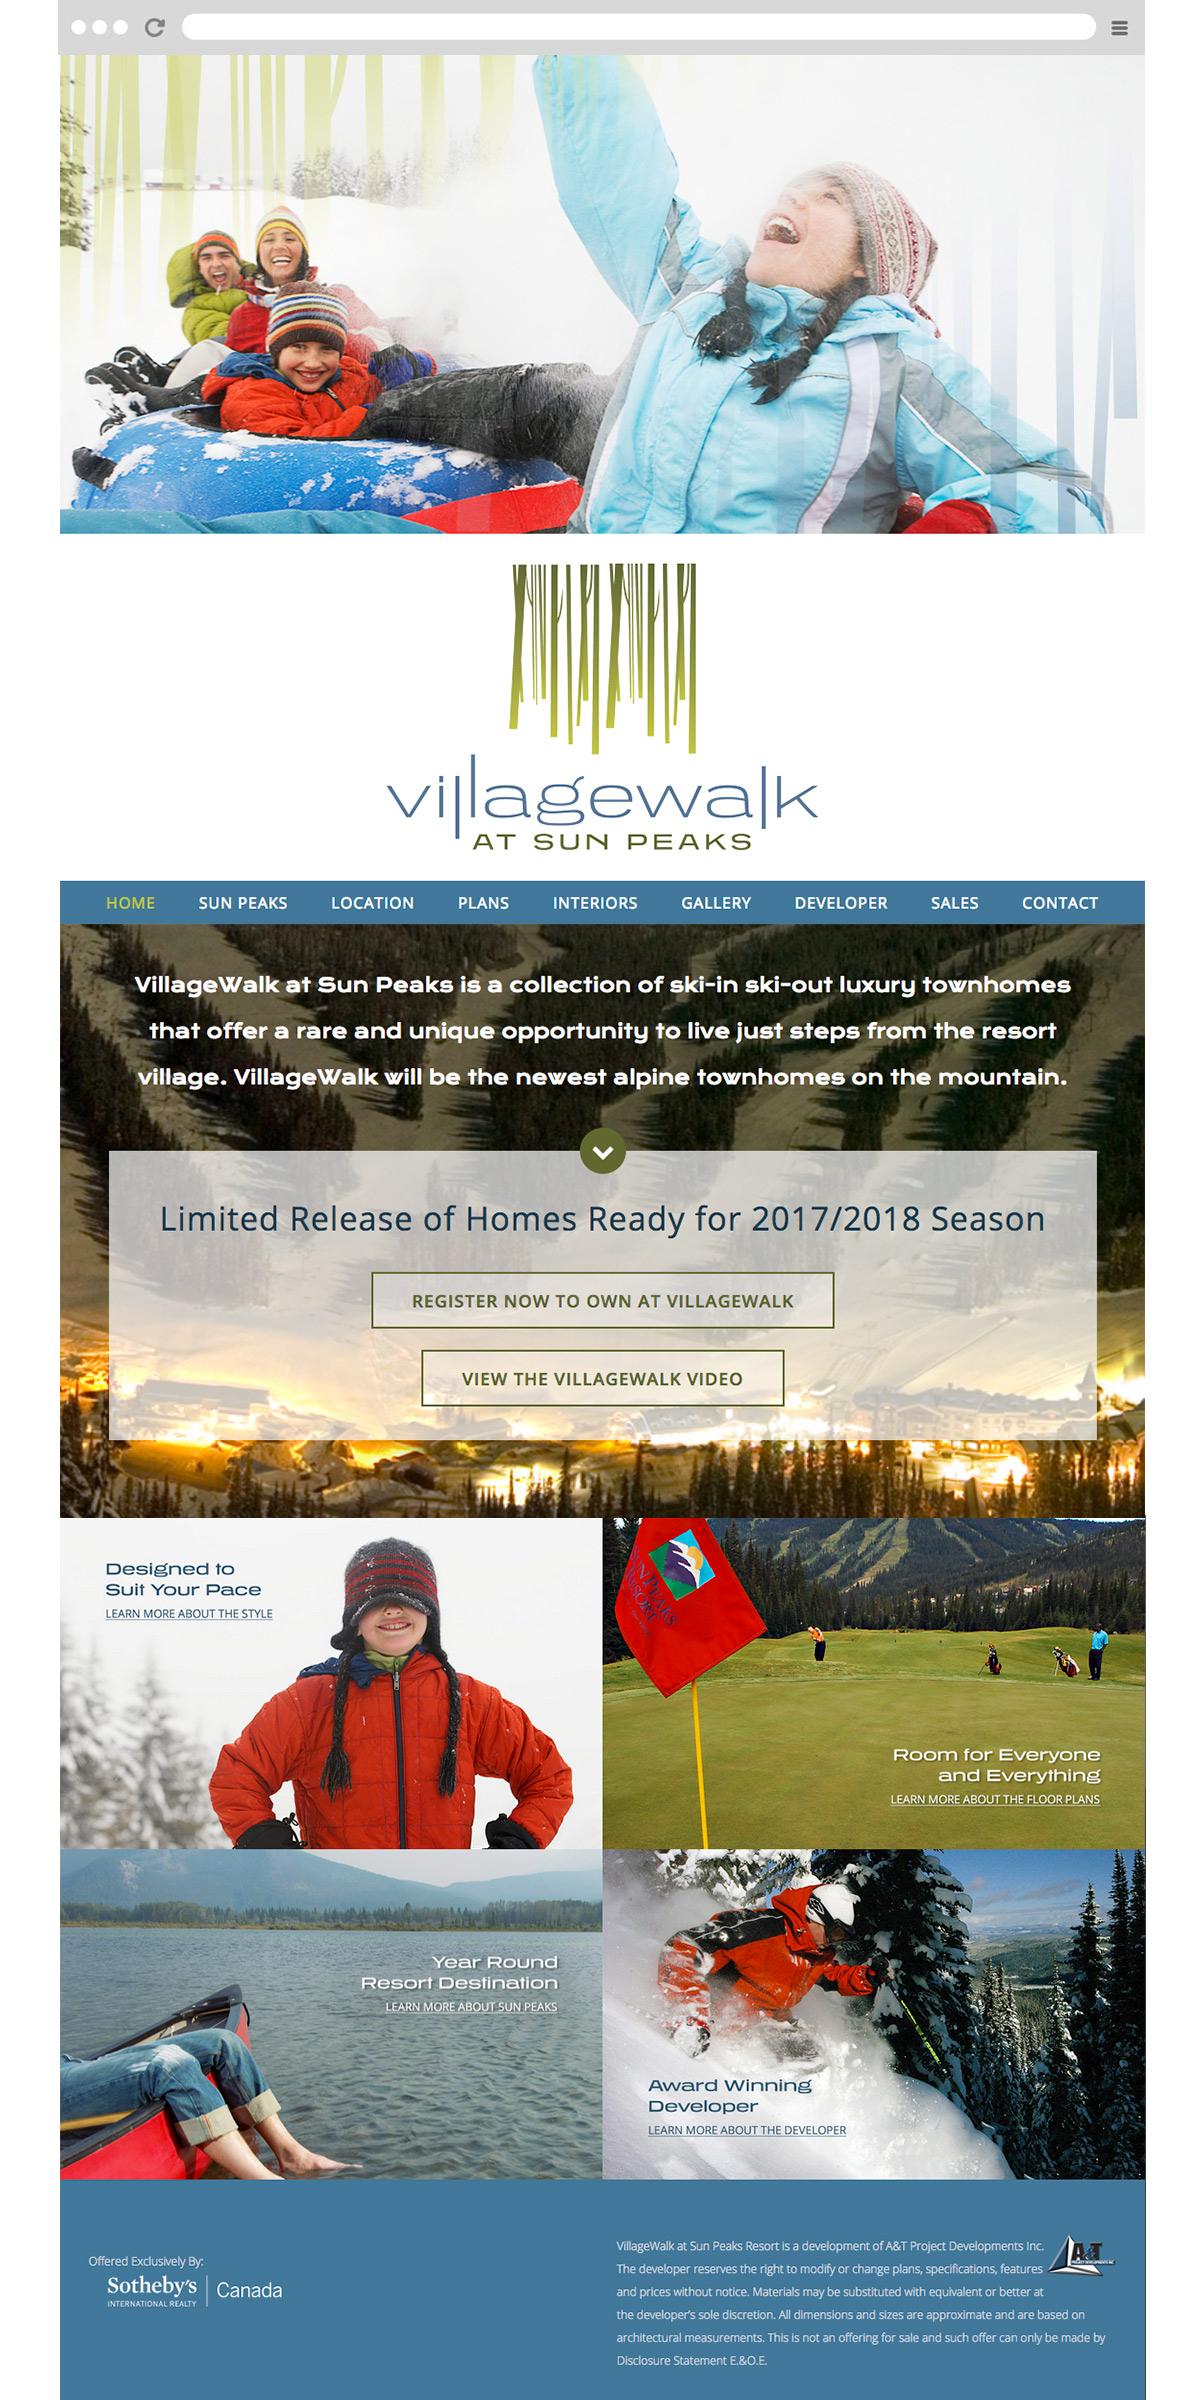 Villagewalk at Sun Peaks website